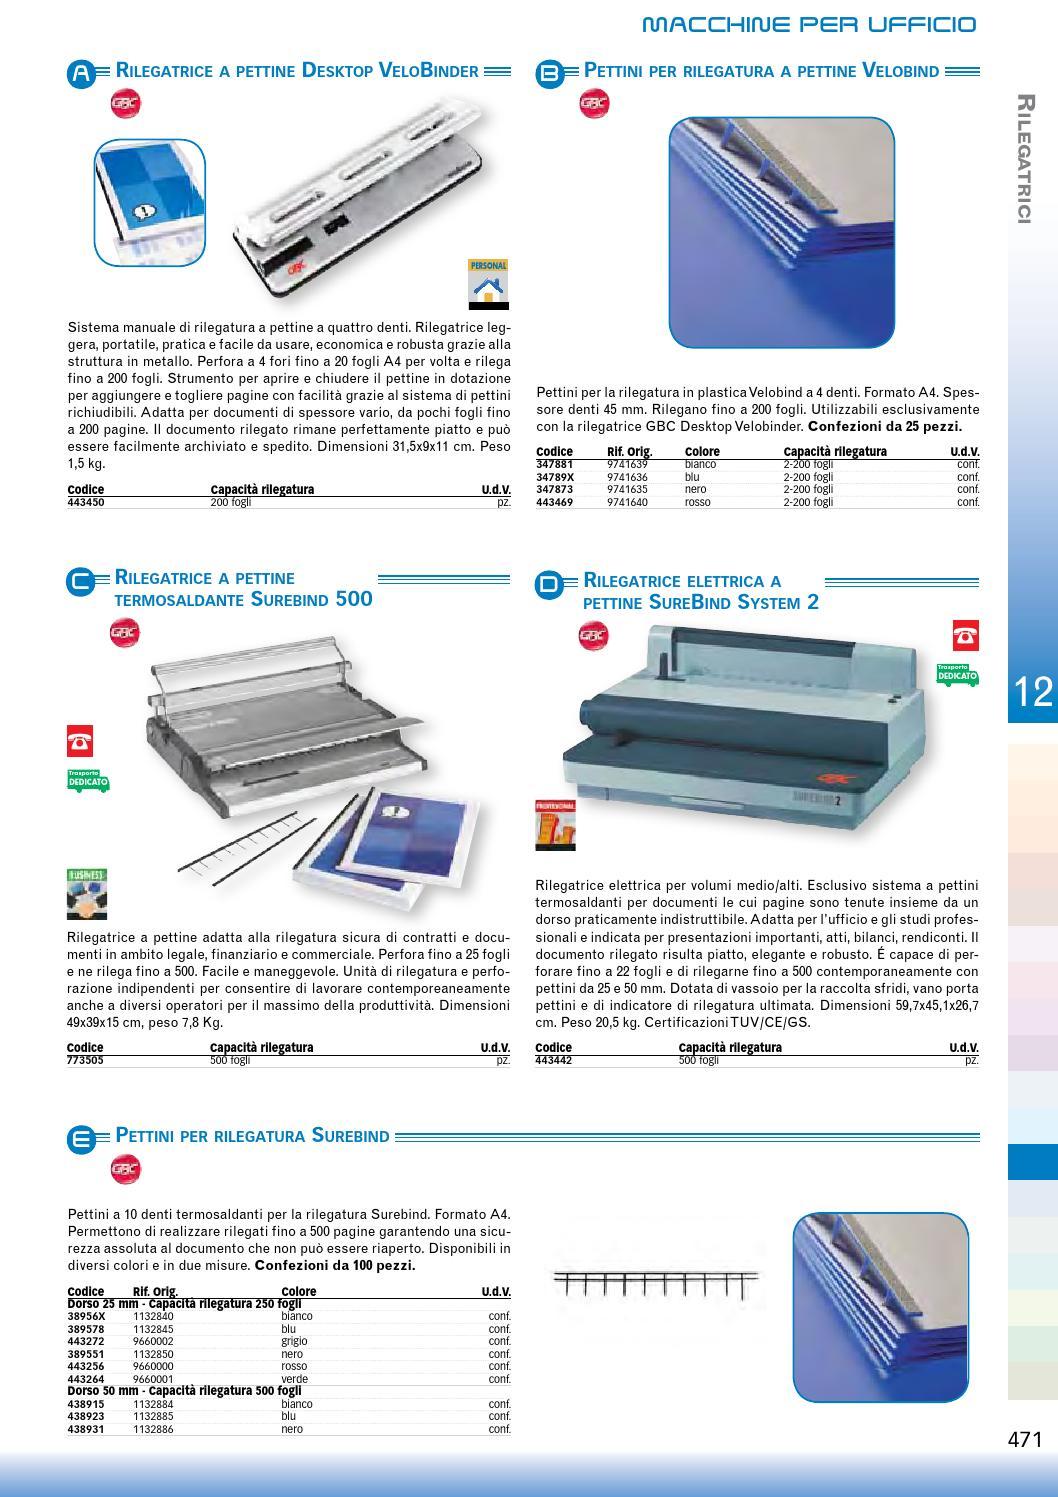 Blu 250 Fogli di Capacit/à 1132845 A4 25 mm GBC Dorsi per Rilegatura SureBind Confezione da 100